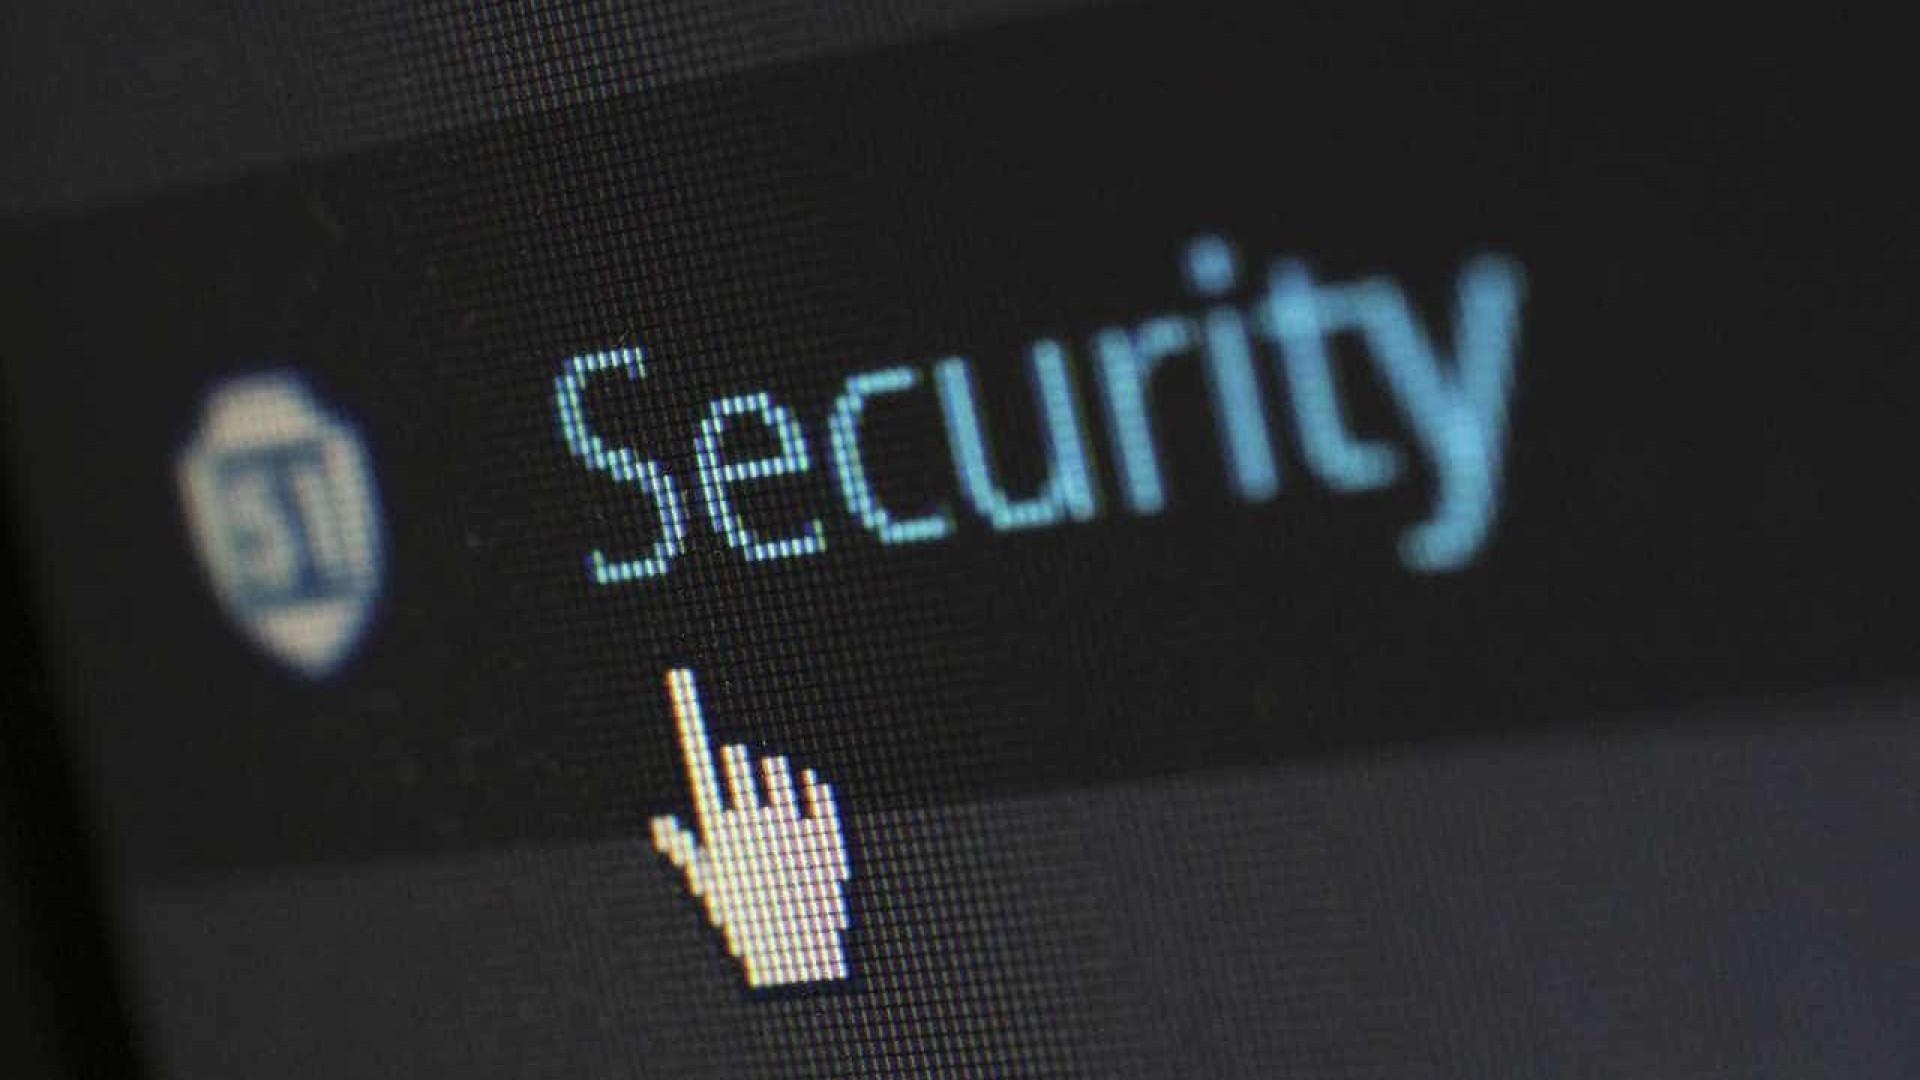 Pesquisa aponta falta de cuidado de usuários com invasões online